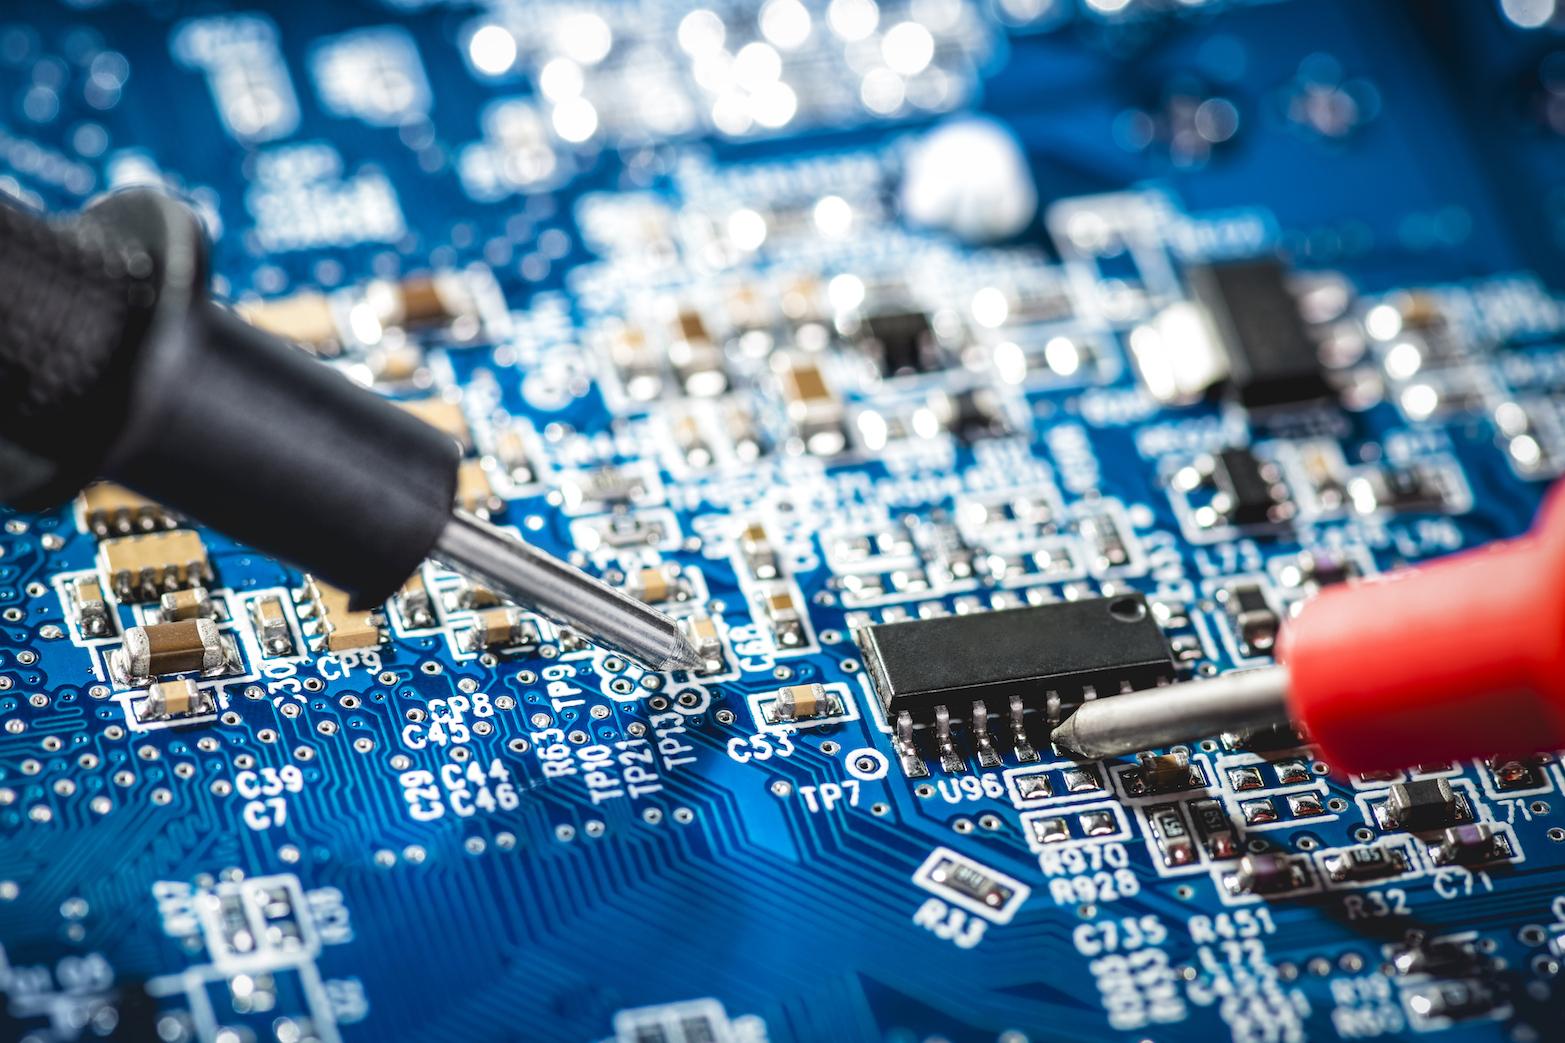 azienda-elettronica-hemargroup-programmazione-e-prototipi-1